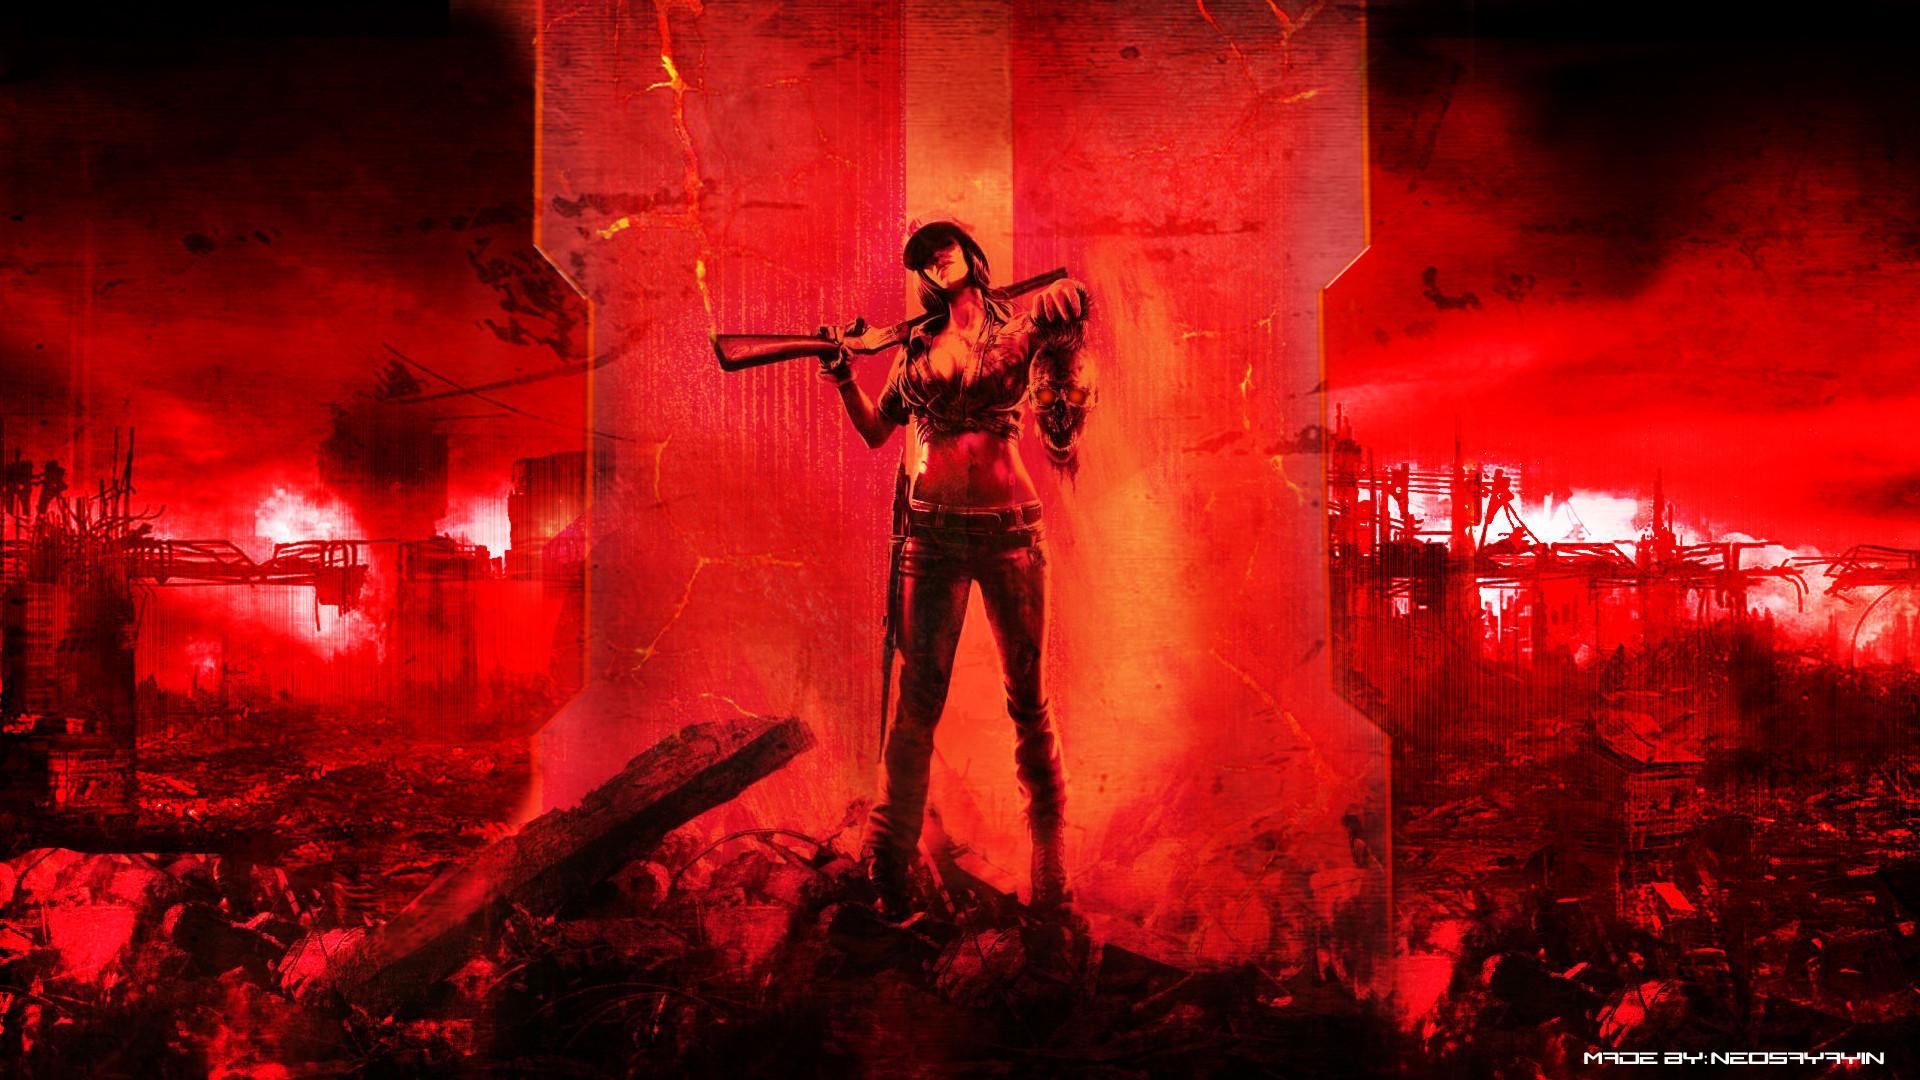 Image – Call of duty black ops 2 zombies wallpaper by  neosayayin-d4yi9i4.jpg   Walking Dead Wiki   FANDOM powered by Wikia